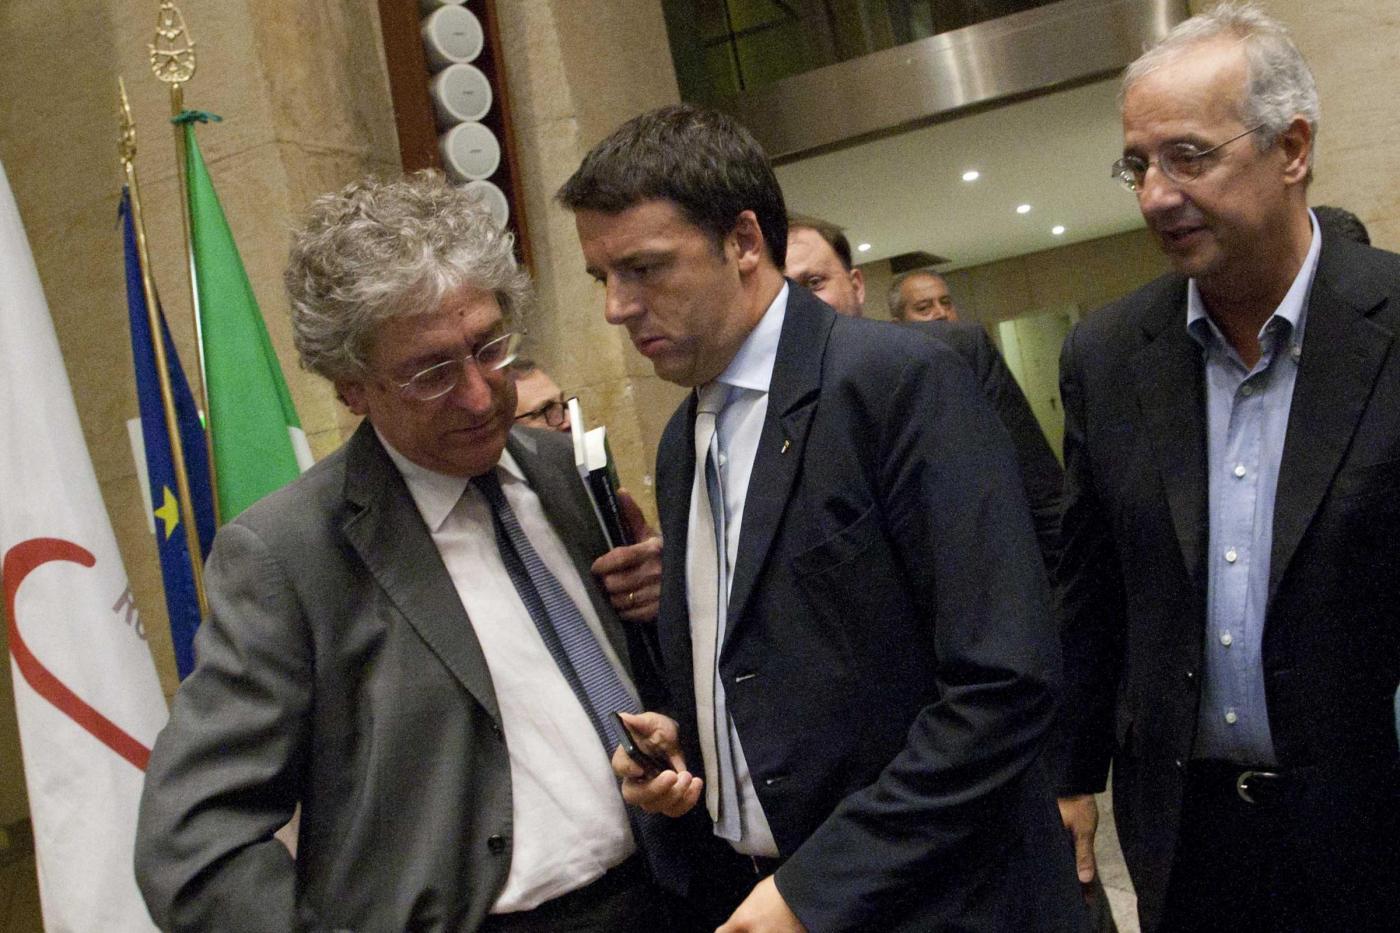 Economia: Casero e Morando vice. Baretta, Legnini e Zanetti sottosegretari